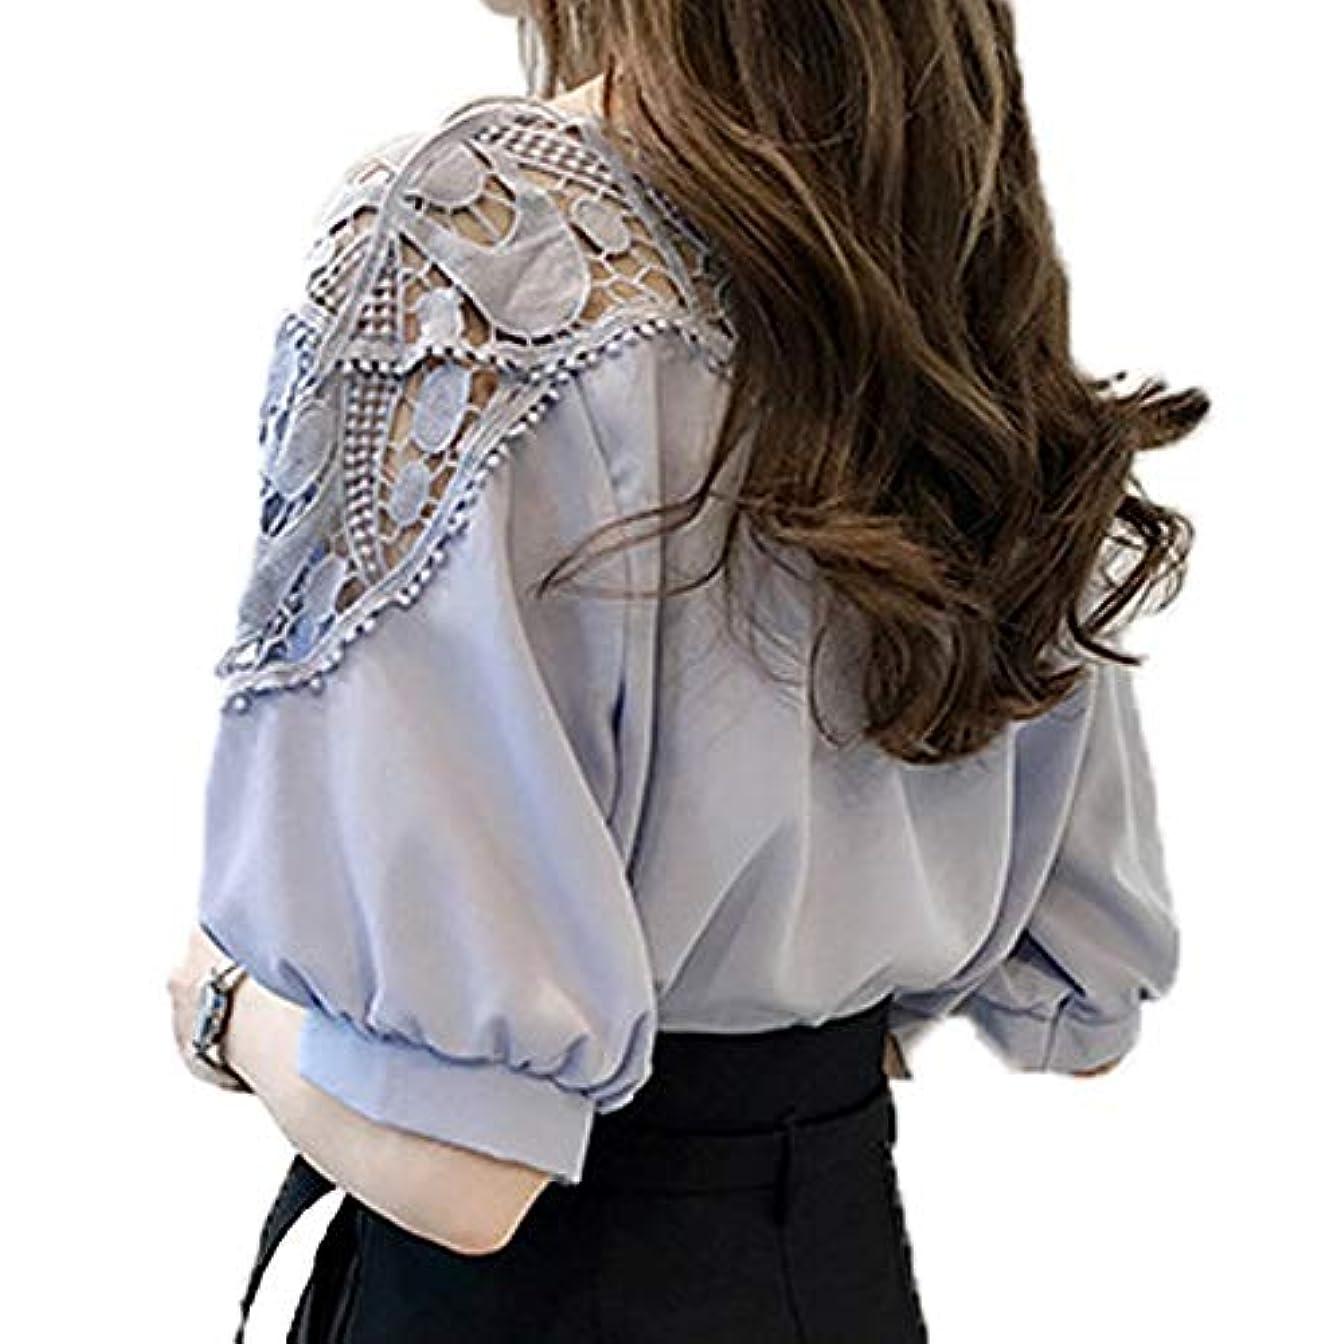 急勾配の桃こどもの宮殿[ココチエ] ブラウス レディース レース 肩出し 半袖 おしゃれ かわいい とろみ バルーン袖 5分袖 花柄 ゆったり